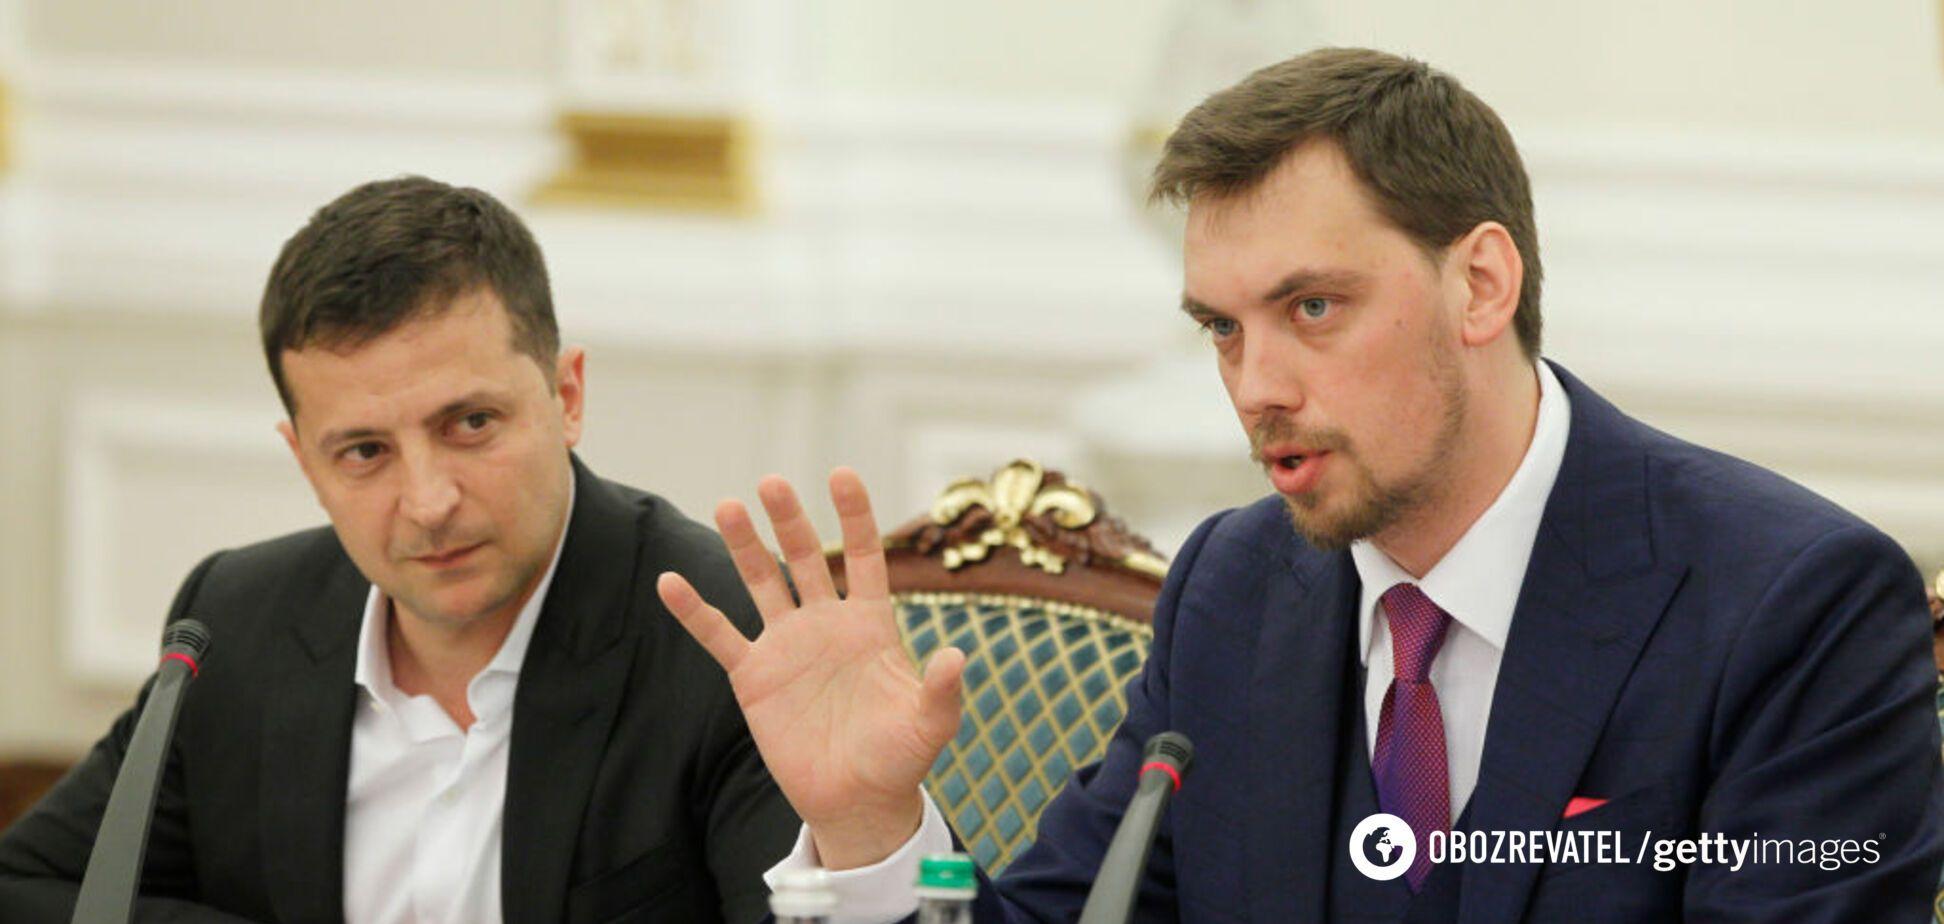 Гончарук розкритикував 'пристосуванців' в команді Зеленського